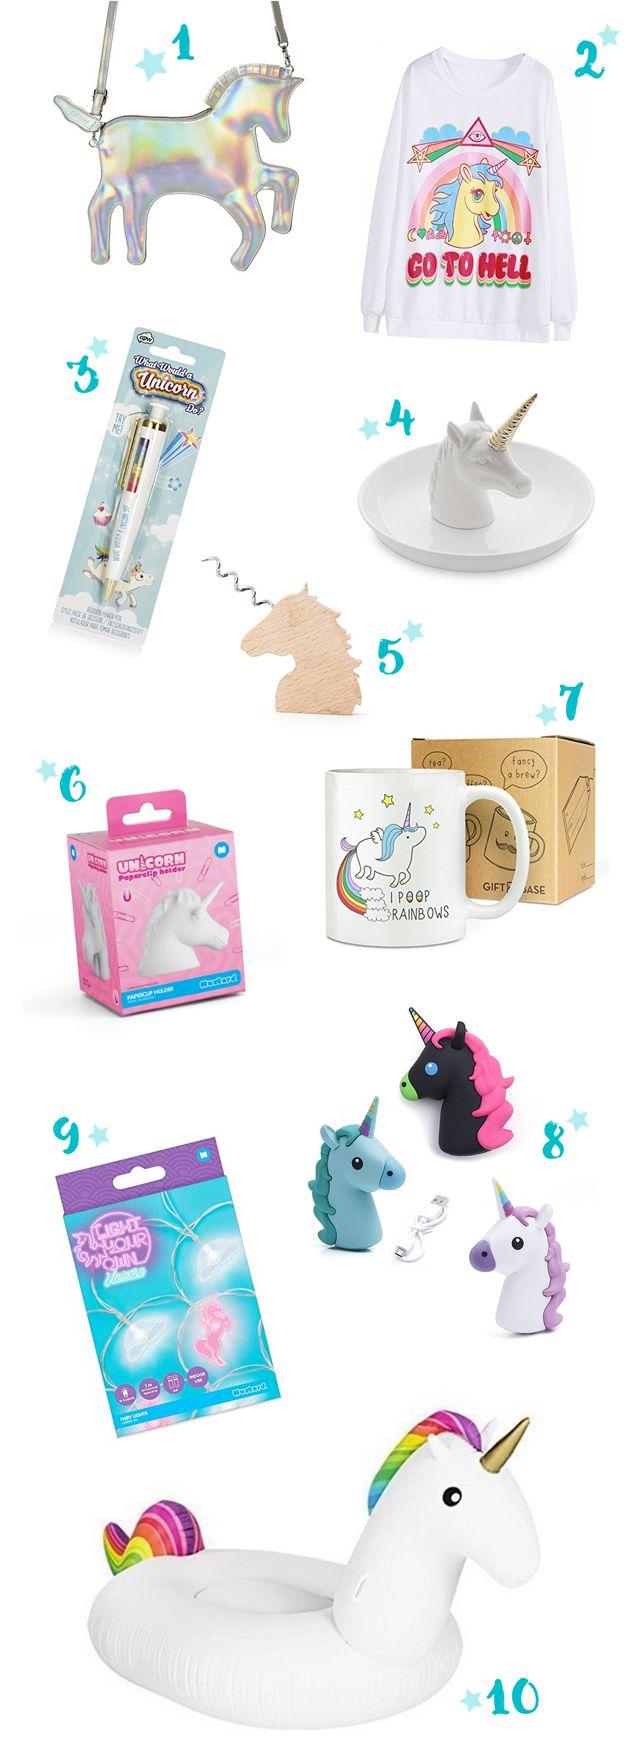 10 Einhorn-Geschenkideen zu Weihnachten